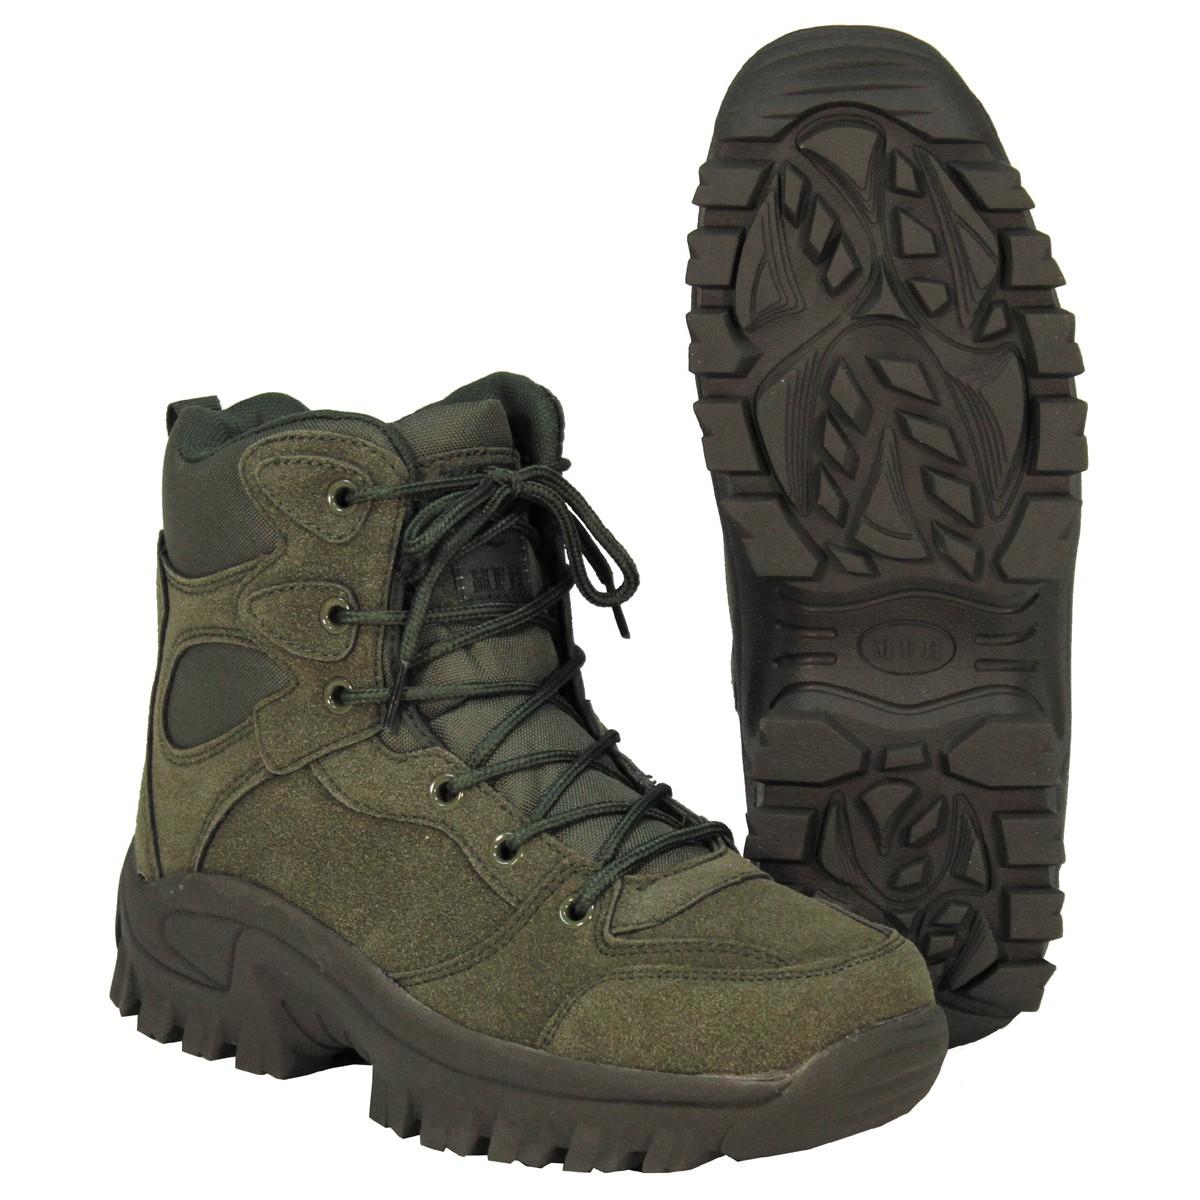 16239dec50f36 Členková obuv   Turistická obuv   Armyshop